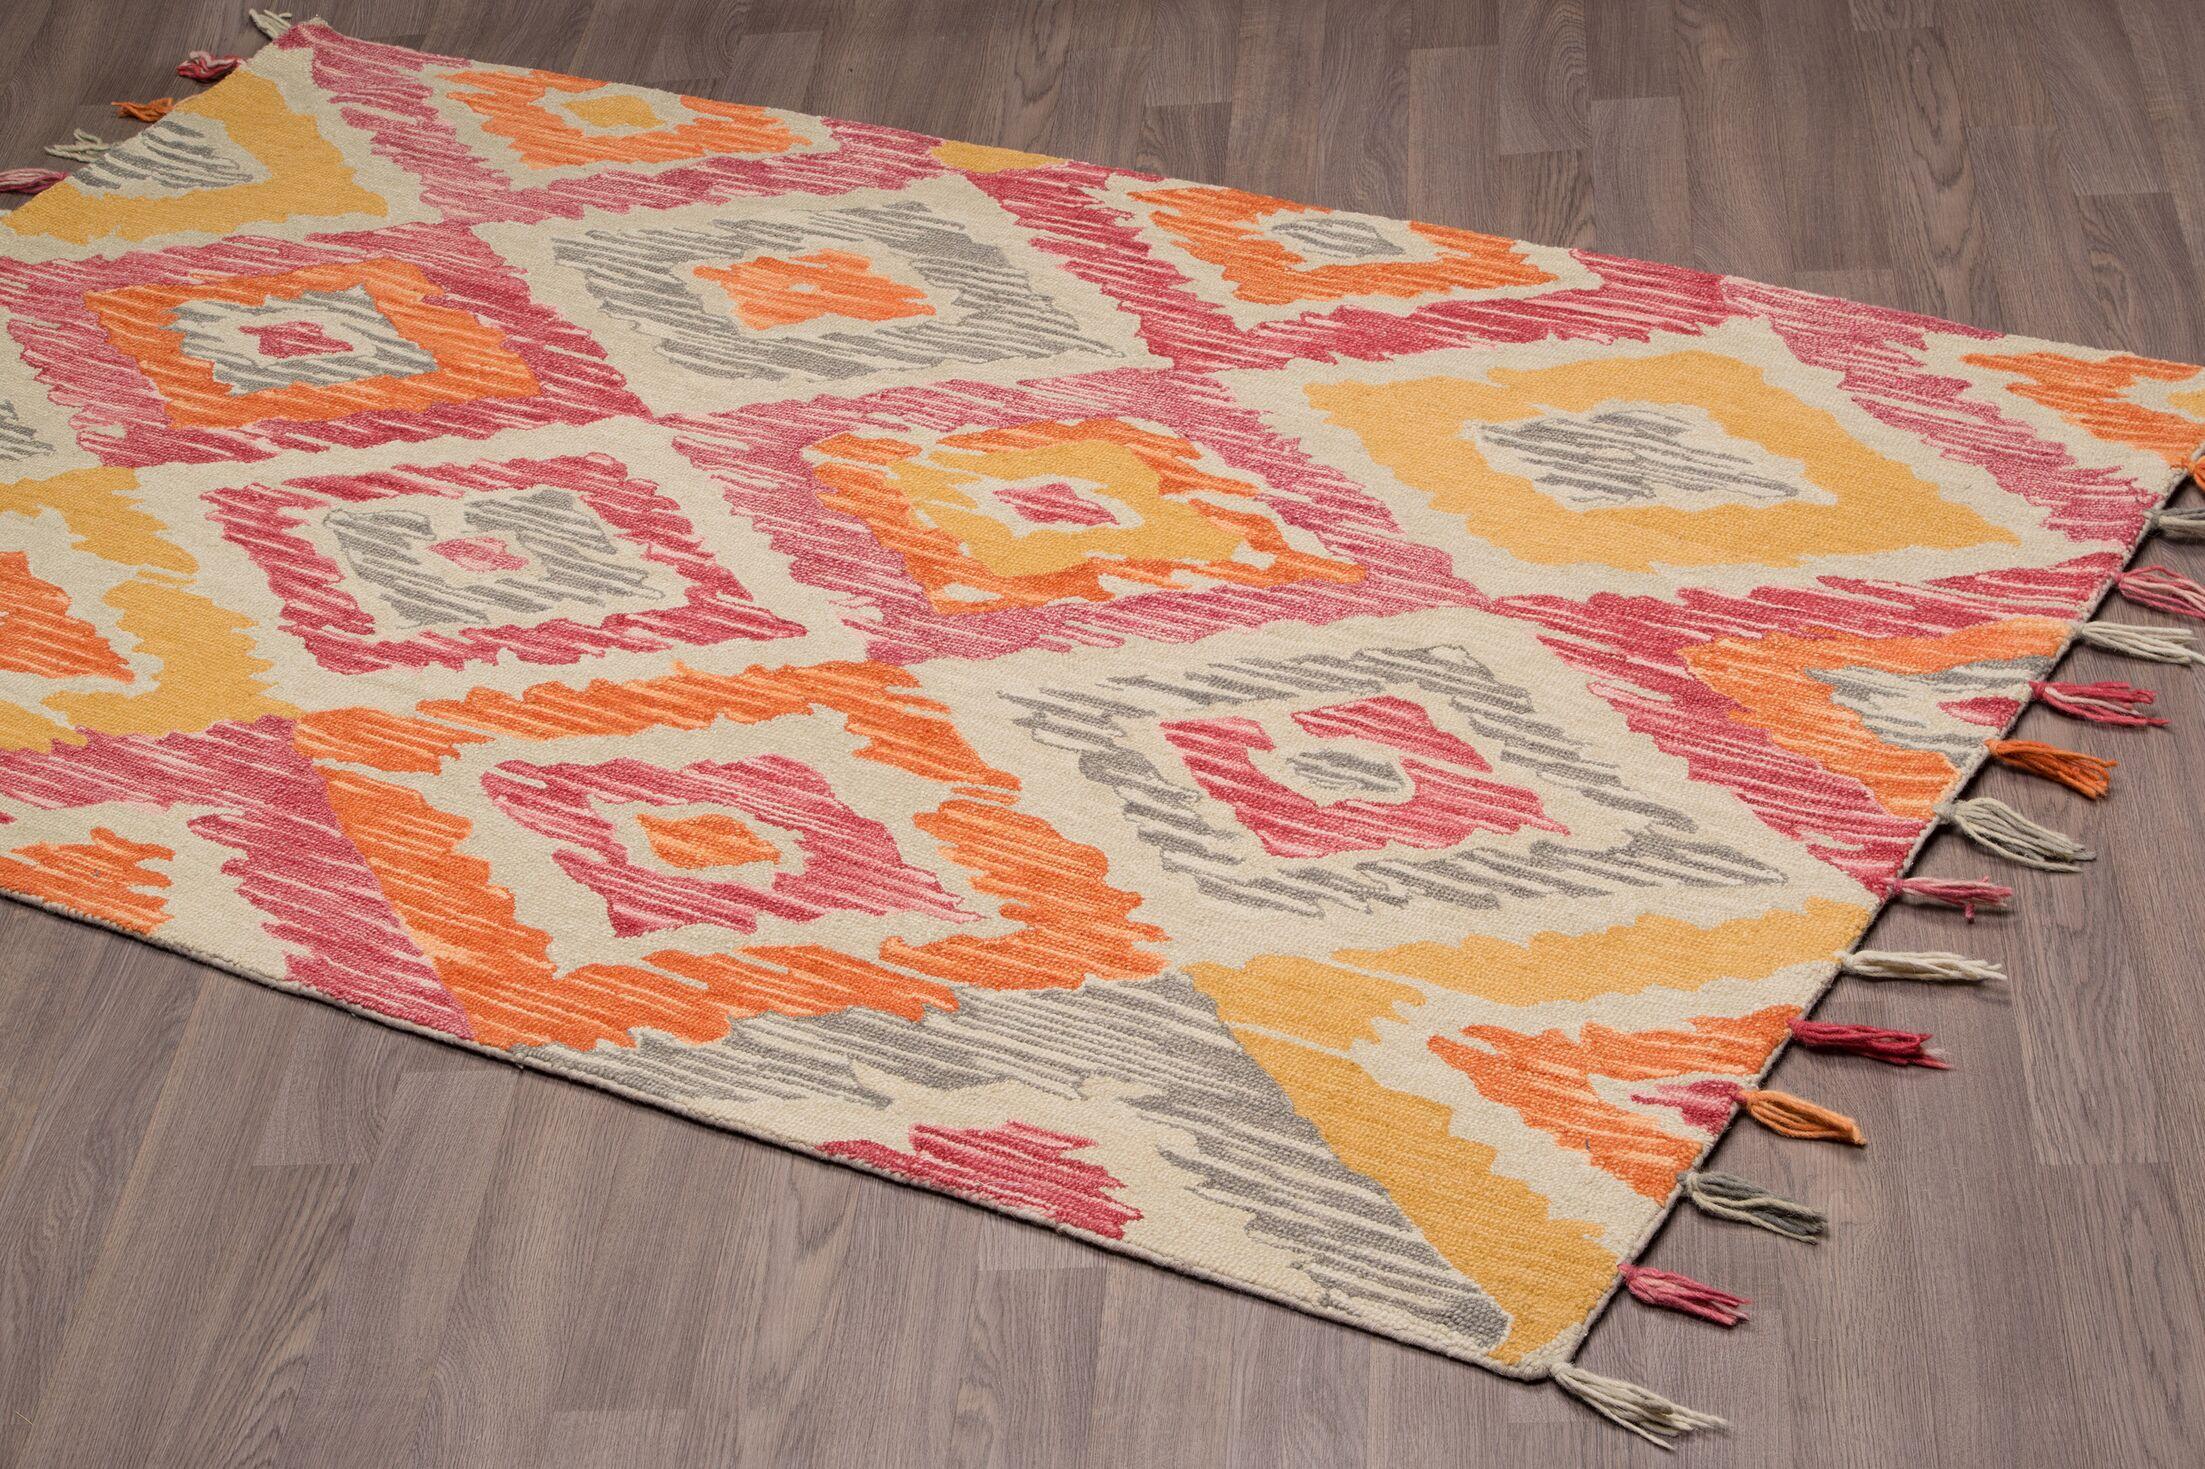 Rambert Hand-Woven Gold Wool Area Rug Rug Size: Rectangle 8' x 10'